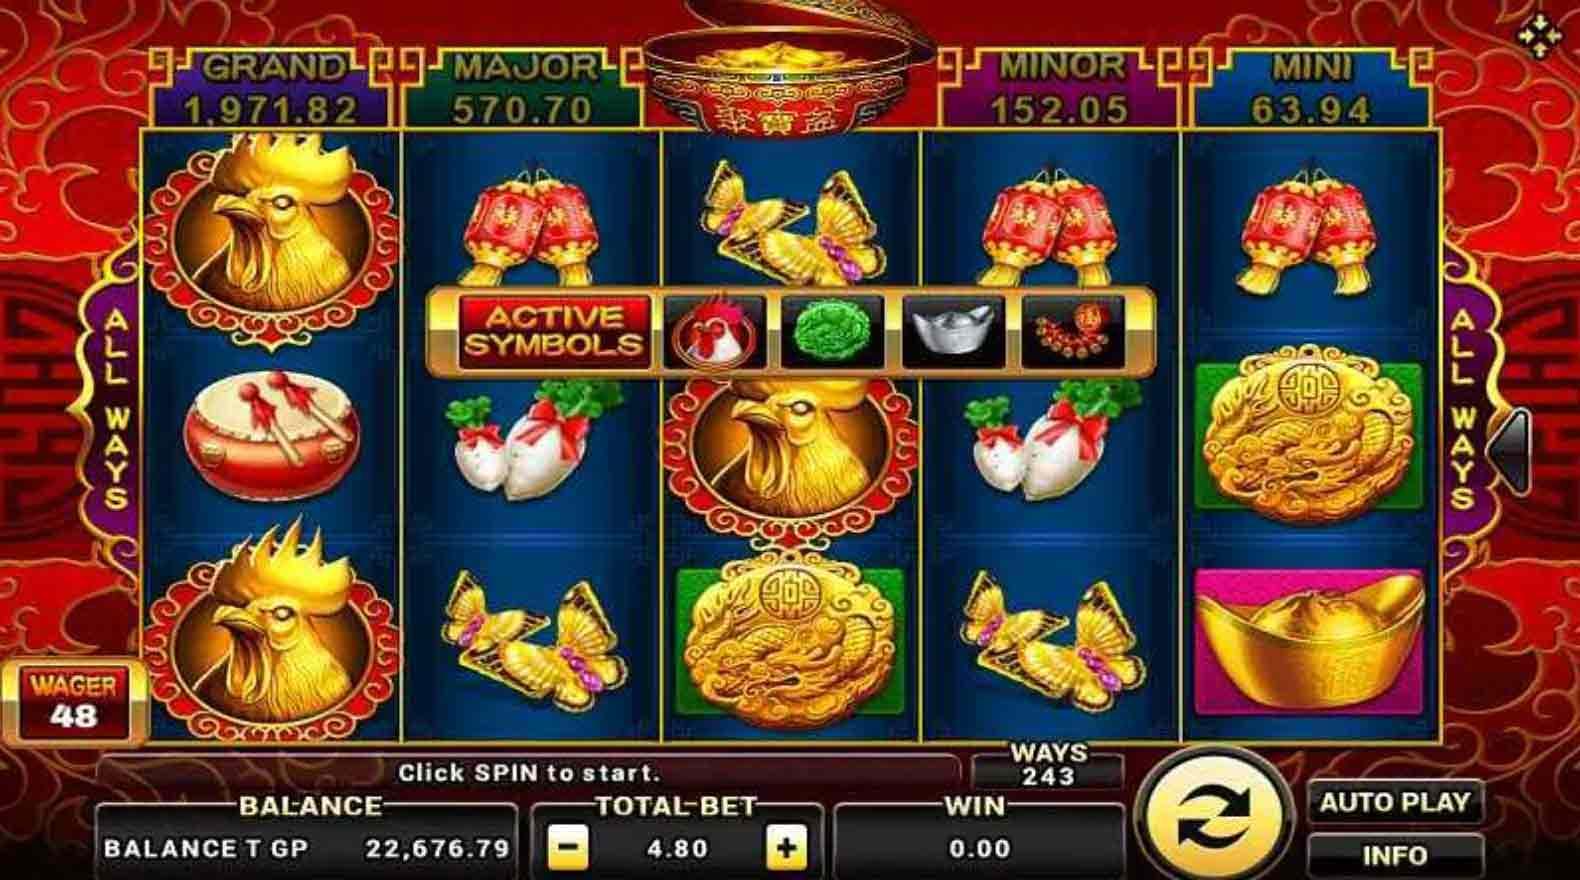 เว็บคาสิโนออนไลน์ Slot22 มีอะไรบ้าง-Golden Roaster-gametips